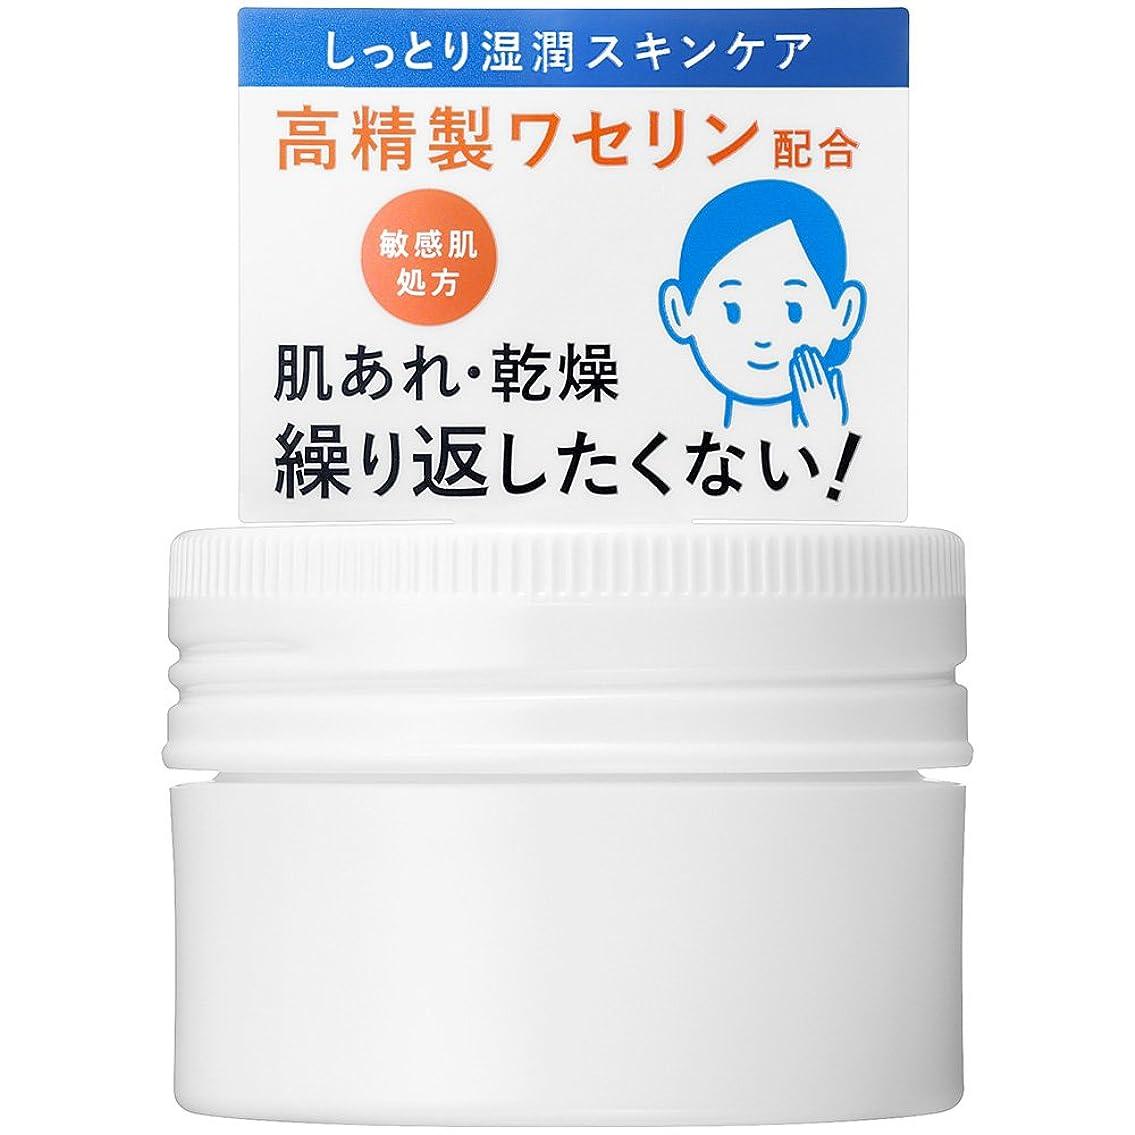 磁石ささやきルートイハダ 薬用とろけるべたつかないバーム 高精製ワセリン配合 20g(医薬部外品)